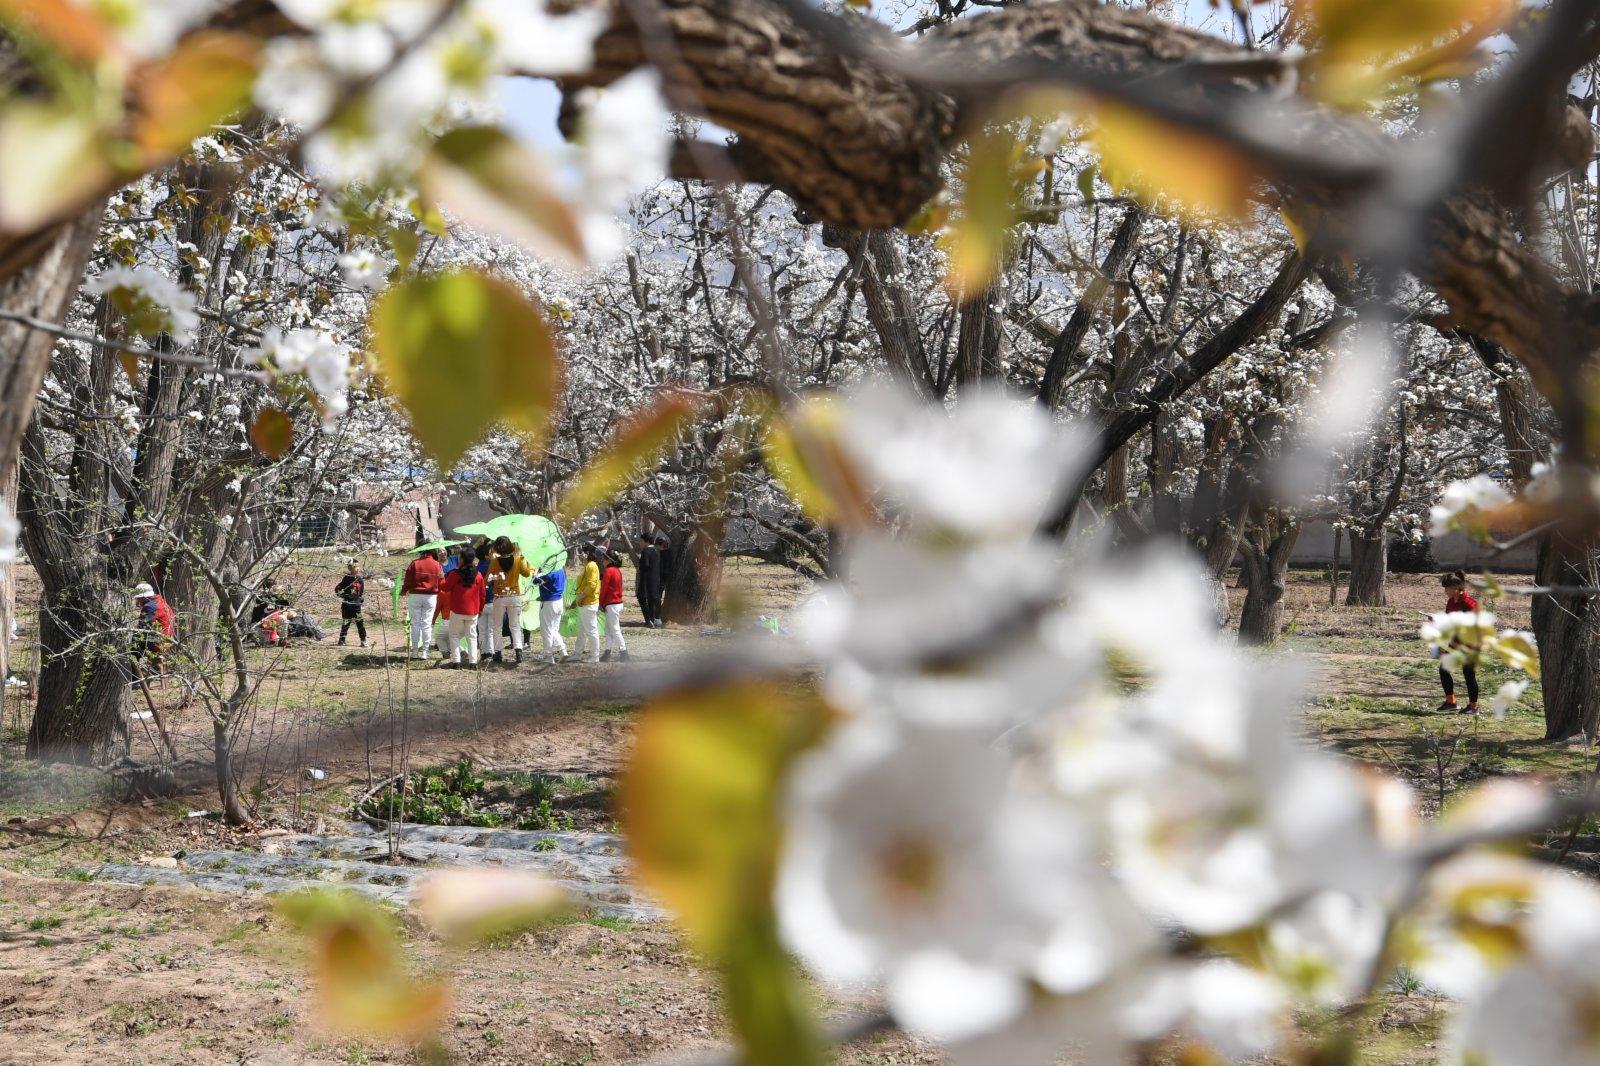 近日,位於甘肅省蘭州市皋蘭縣什川鎮的古梨園梨花盛開,吸引眾多遊客前來賞花踏青。(新華社)